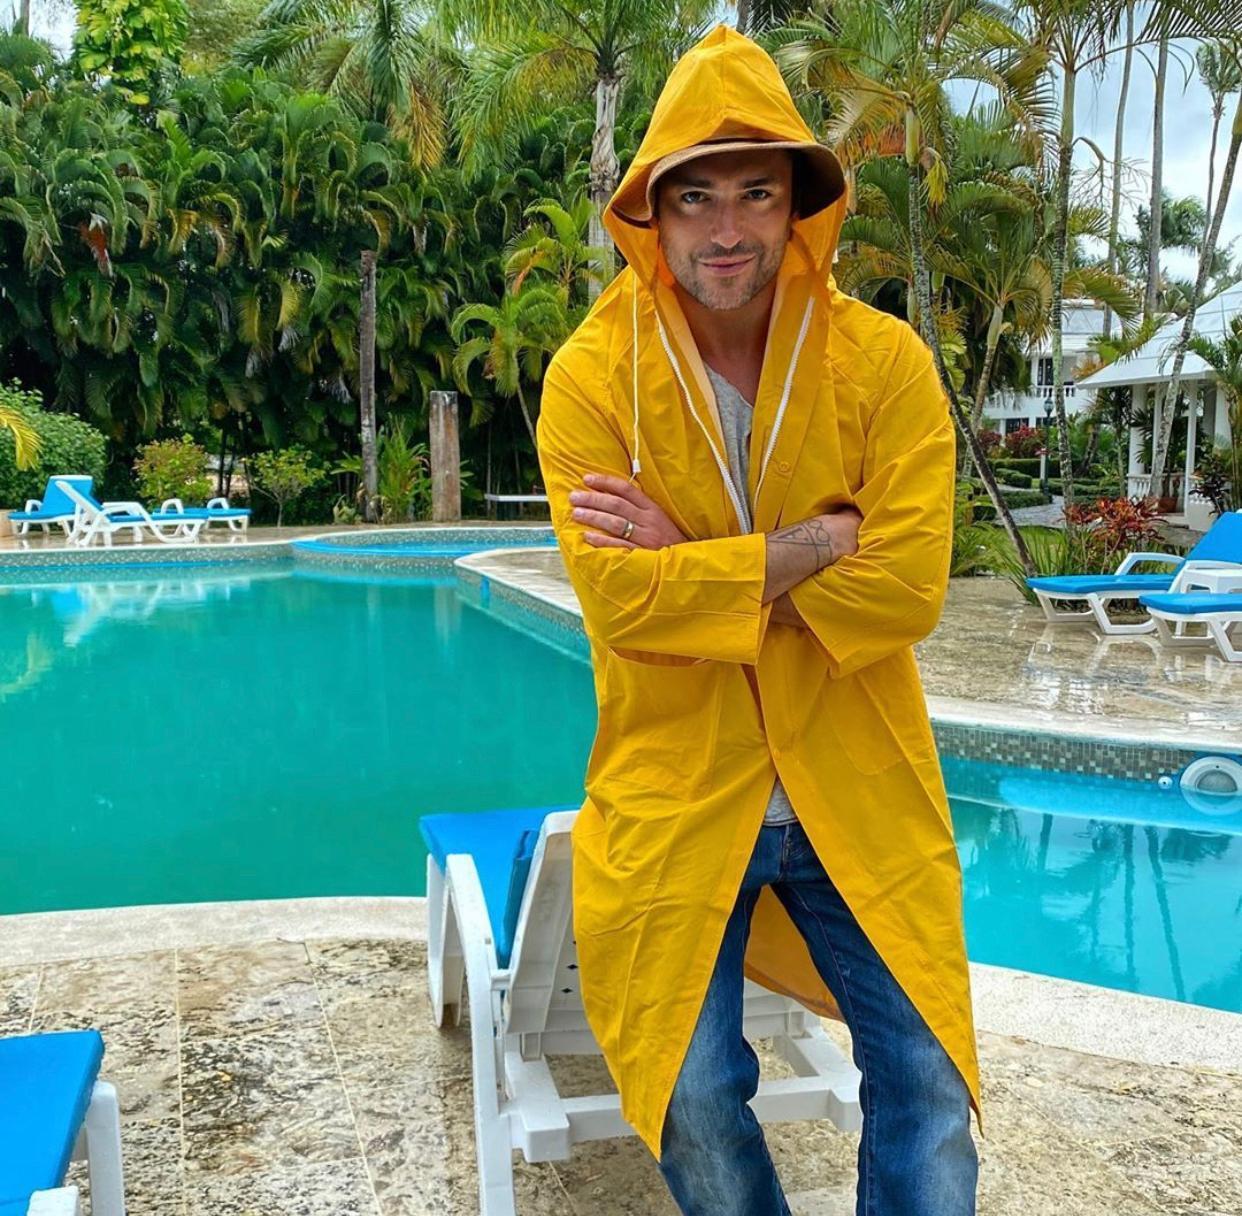 """Radu Vâlcan a ajuns în Republica Dominicană, unde va filma pentru """"Insula Iubirii"""": """"Nu o să semene cu nimic din ce ați văzut până acum!"""""""